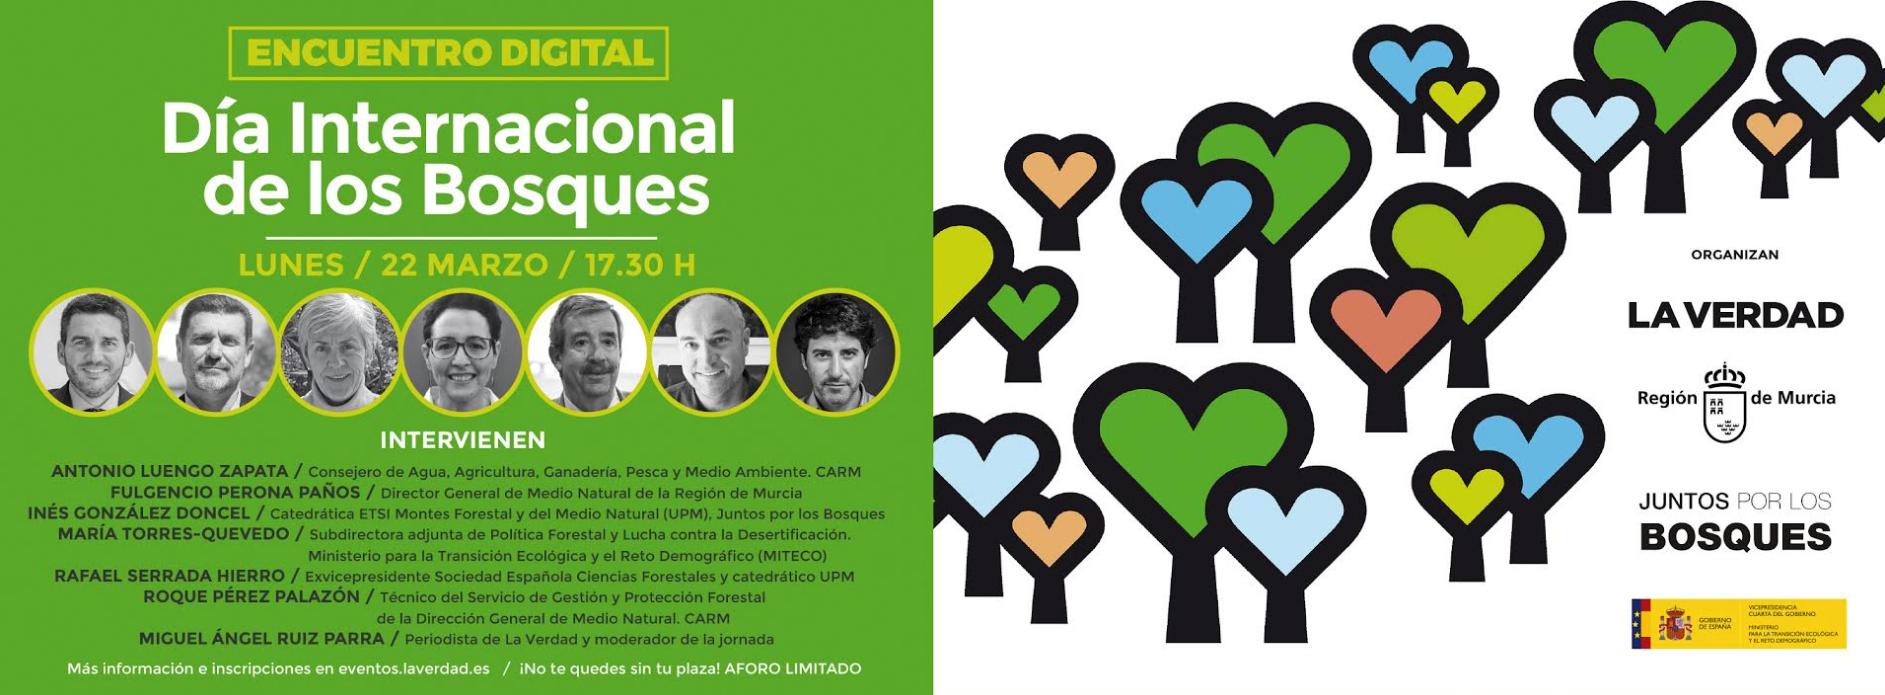 Banner Encuentro Digital sobre el Día internacional de los Bosques. 22 de marzo de 2021 a las 17:30 h